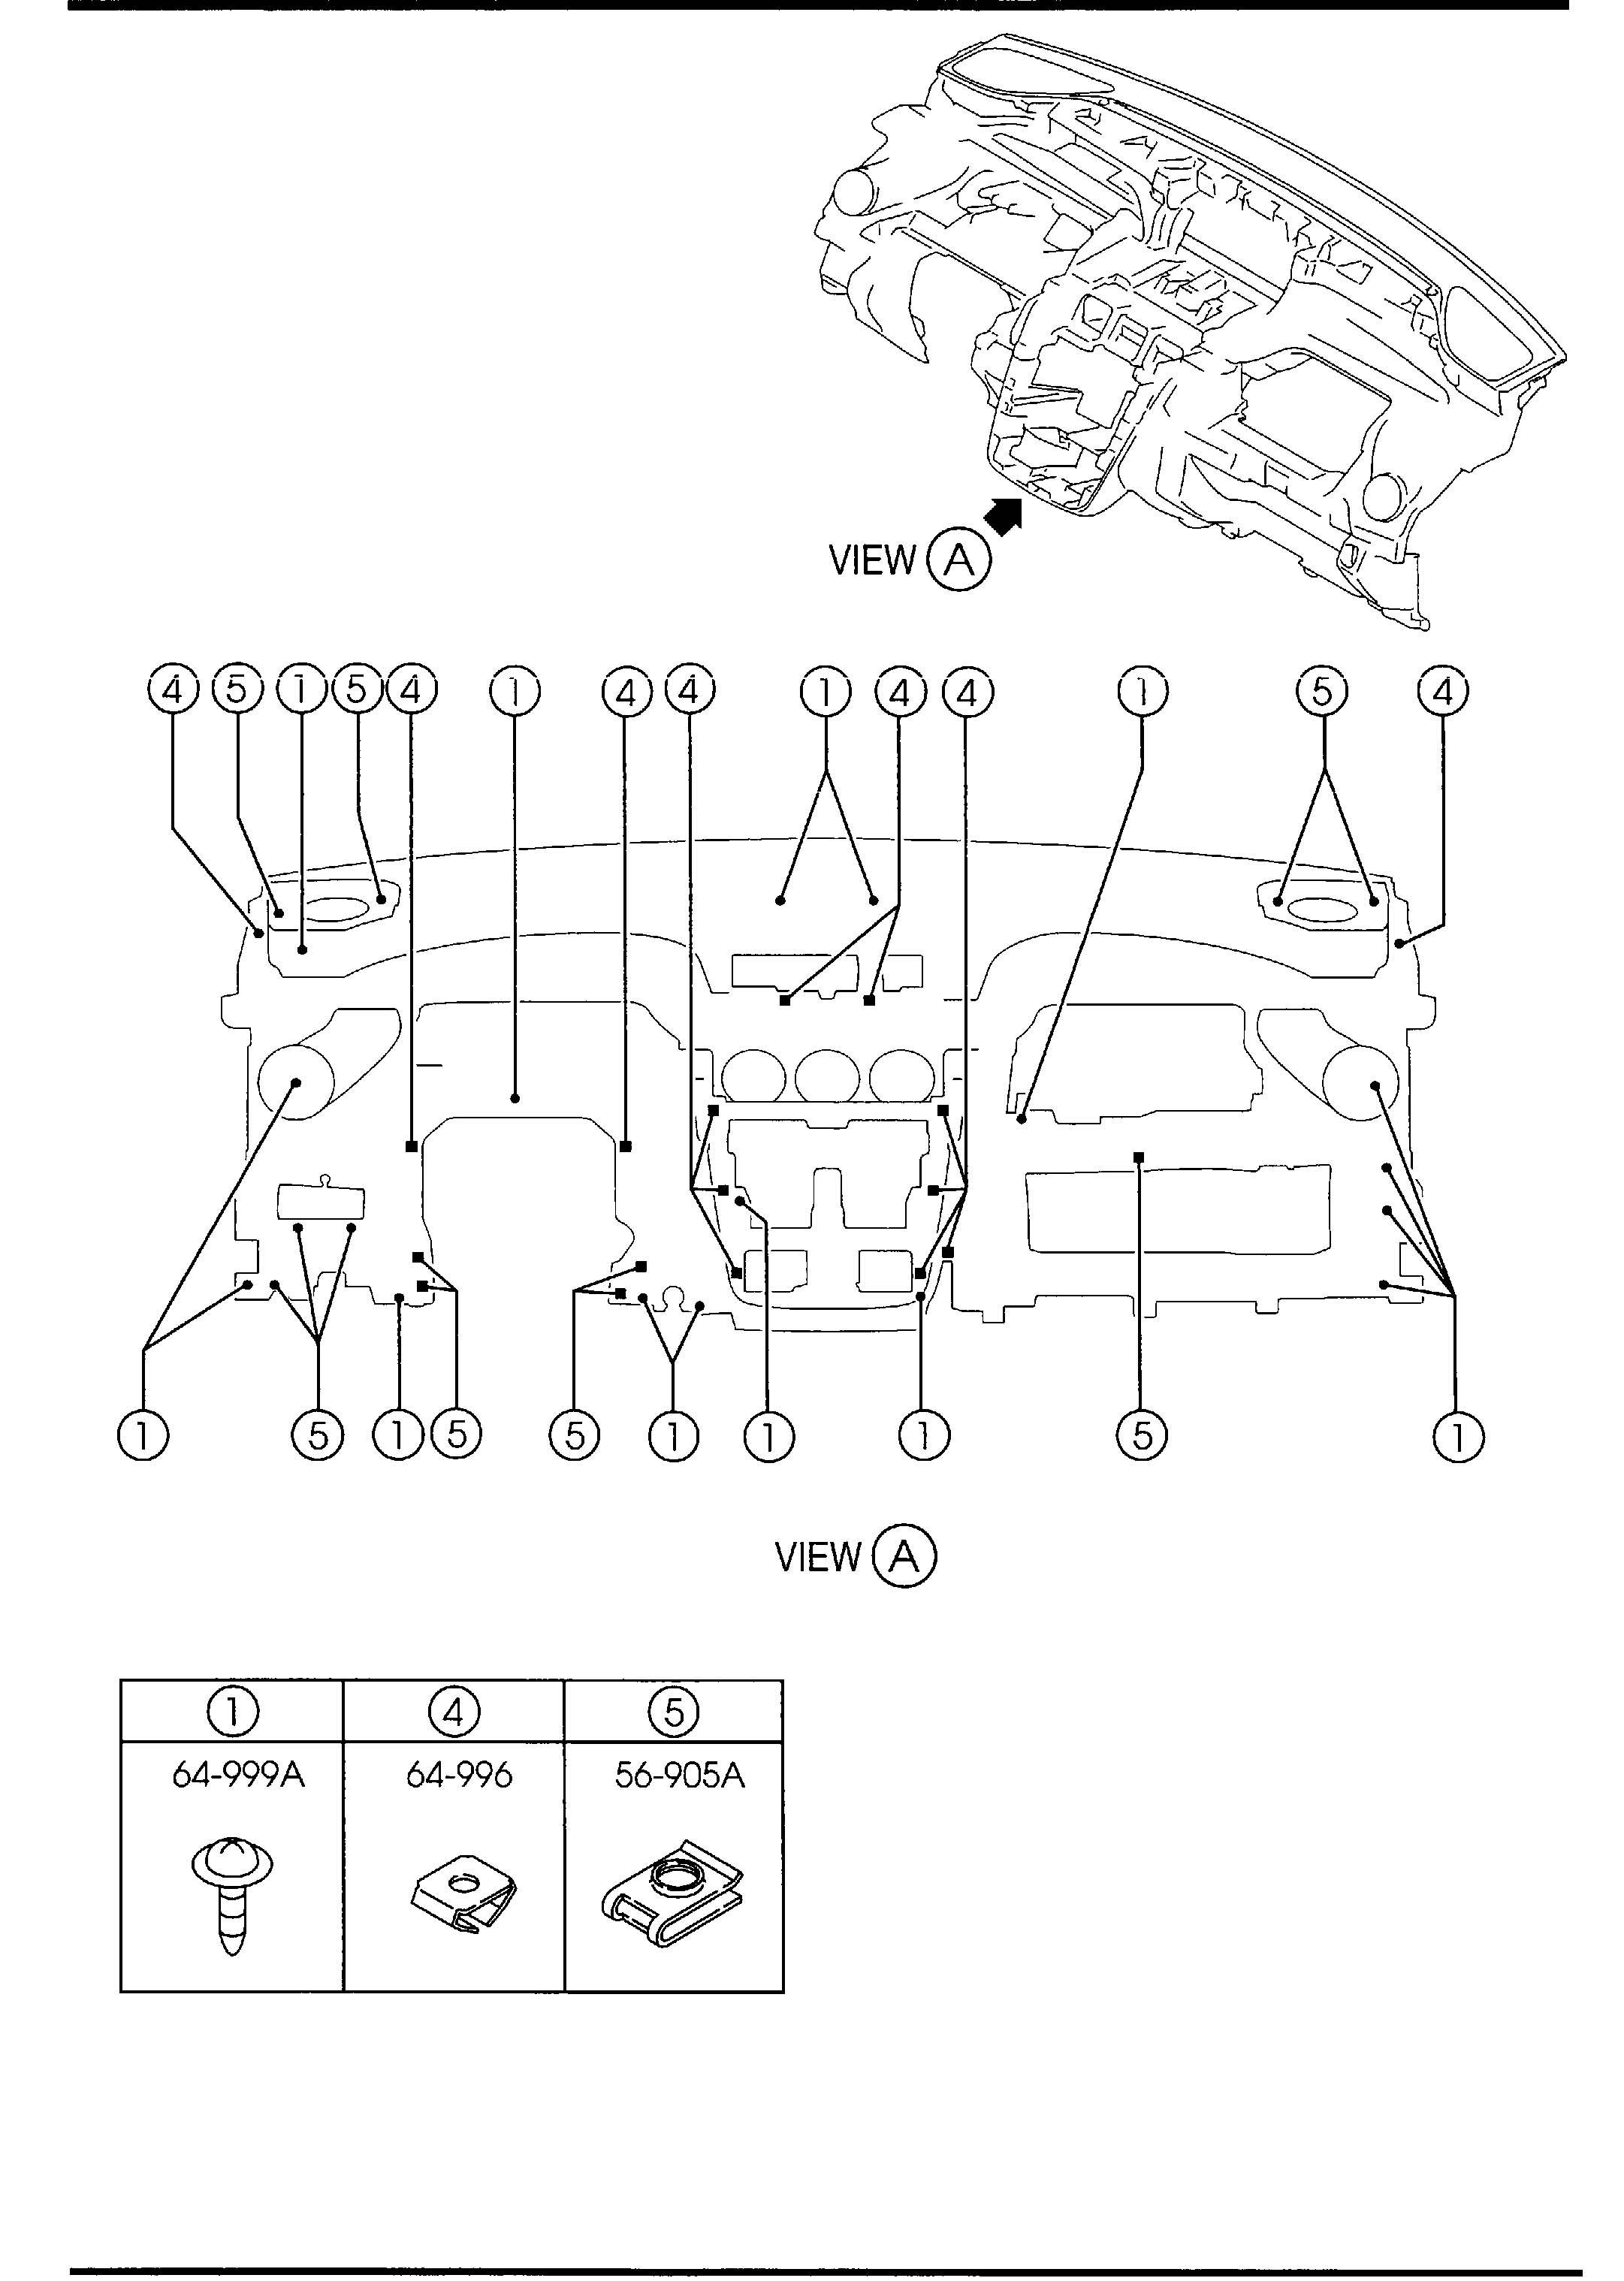 Service manual [2012 Mazda Mx 5 Dash Removal Diagram